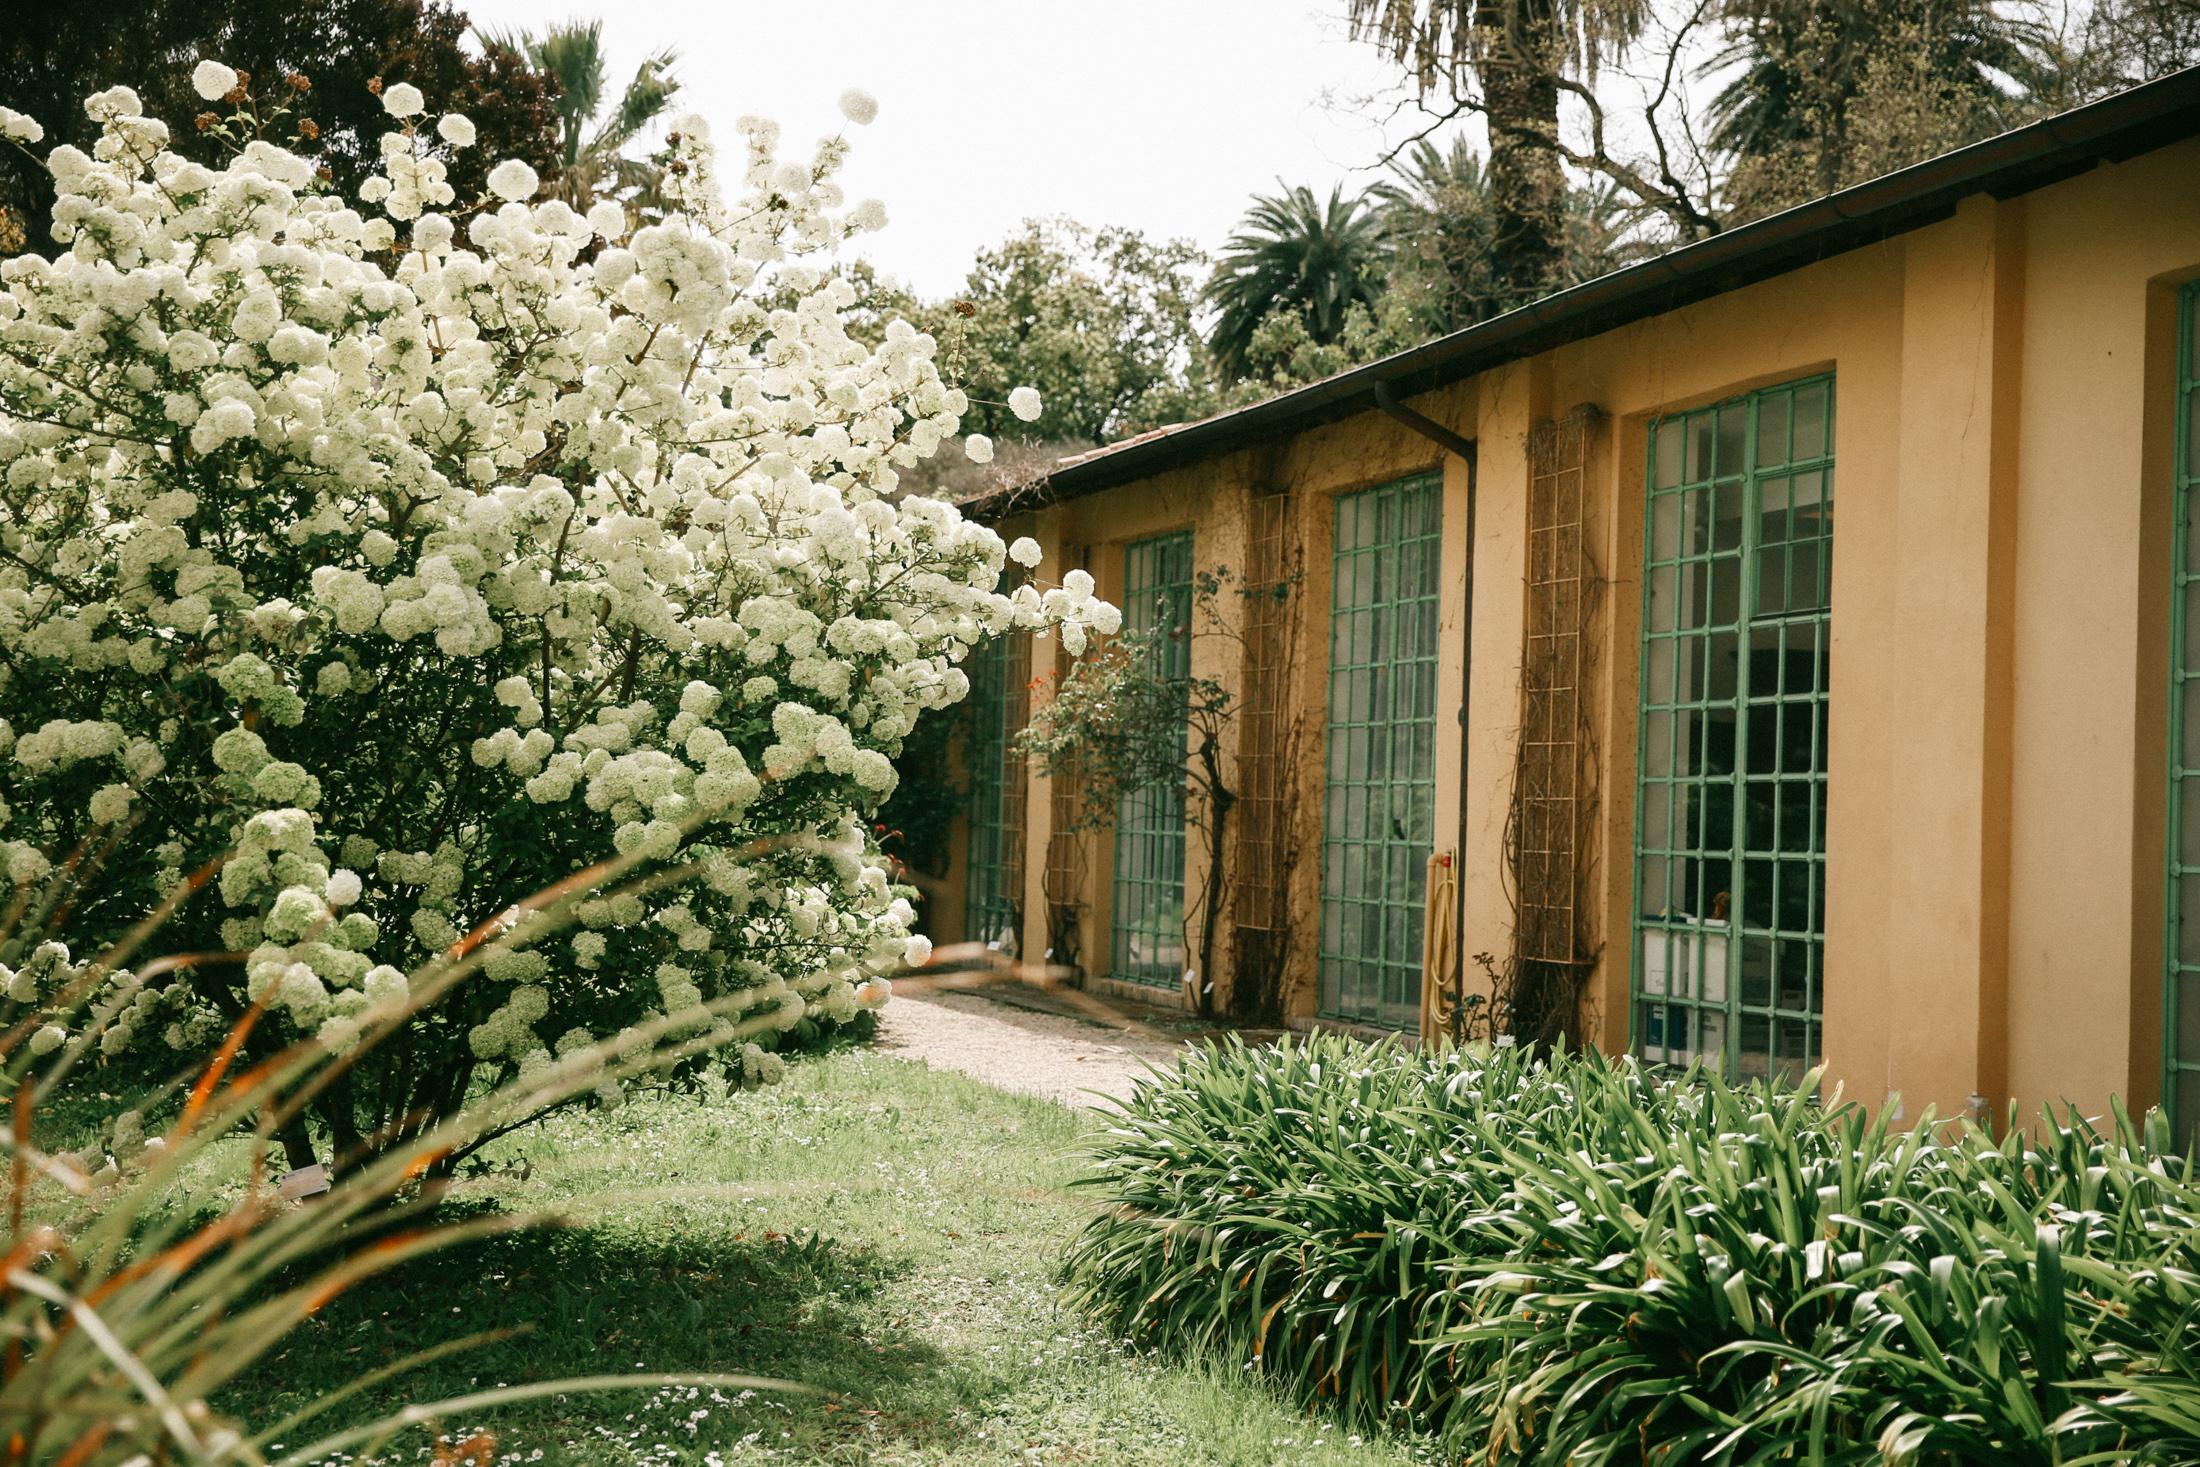 modelsjam-travels-botanic-garden-rome-9489